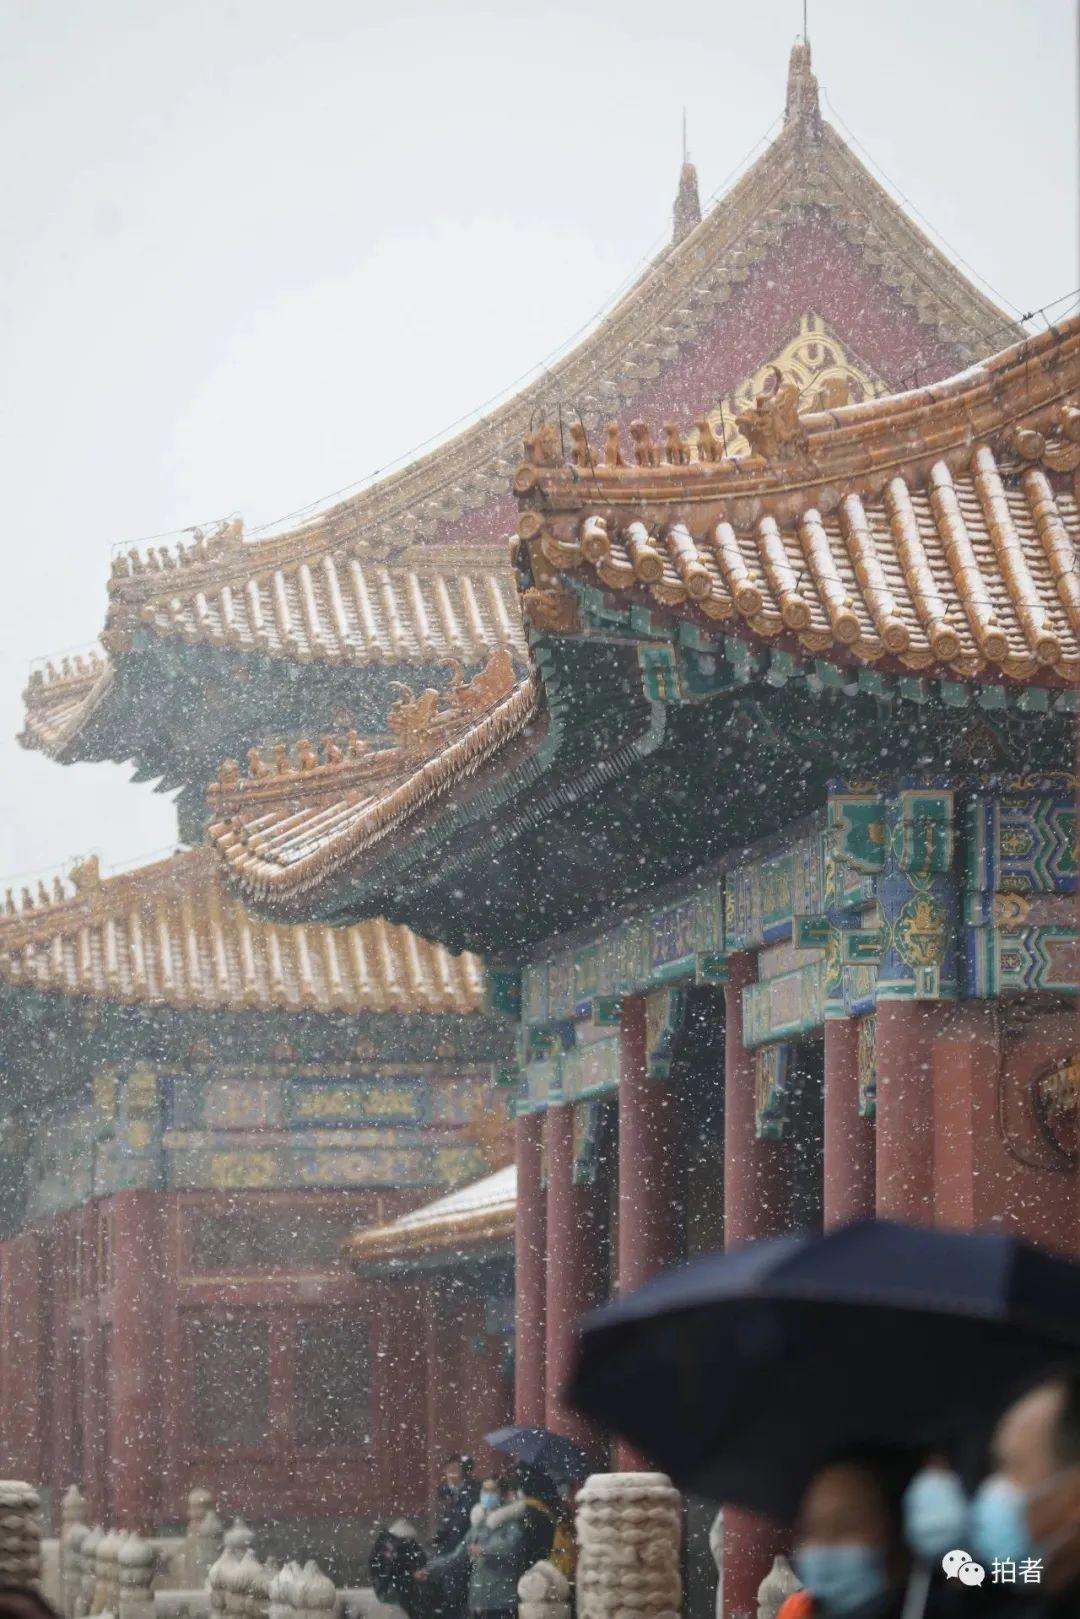 雪一来,北京这些地方就更有味道了 最新热点 第4张